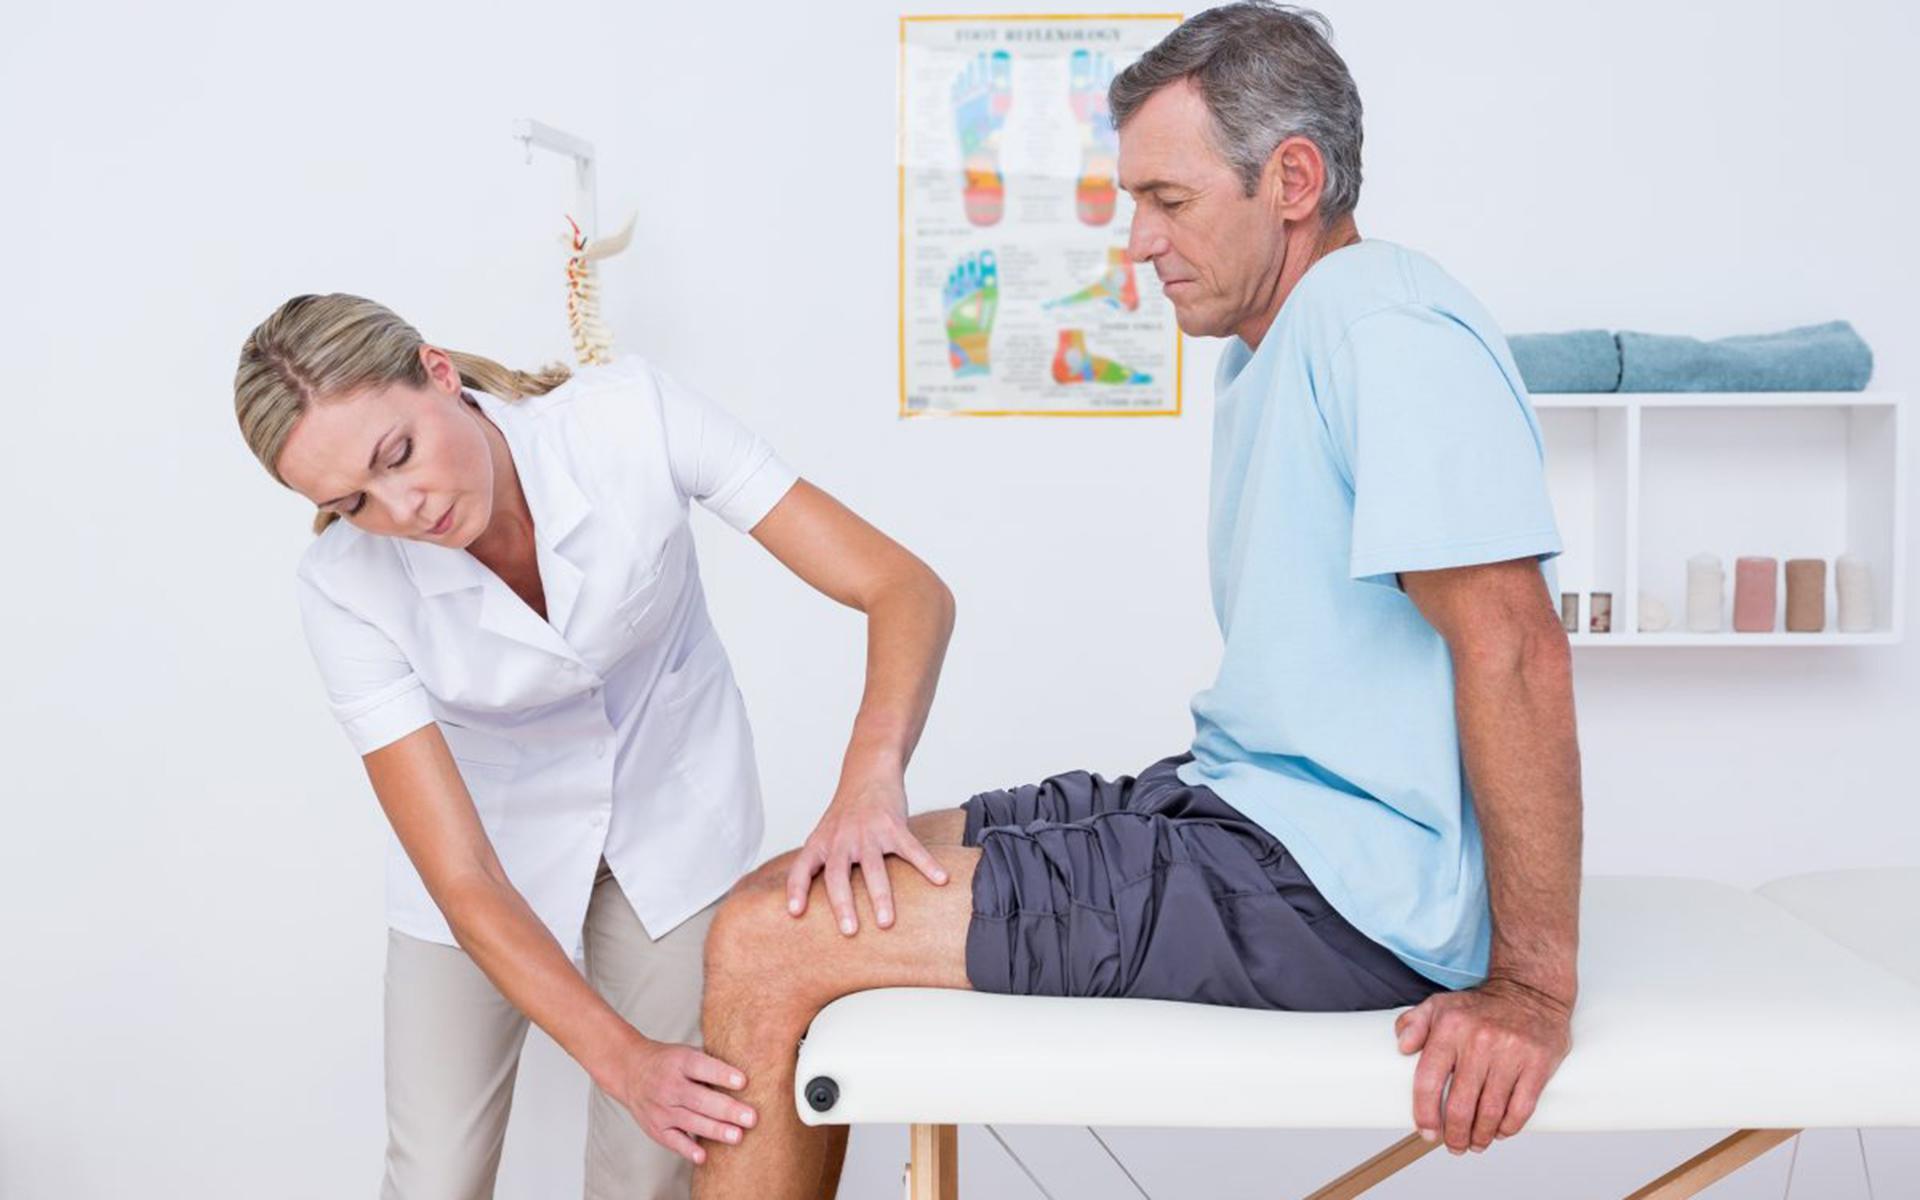 boala care afecteaza articulatiile inflamația articulațiilor de pe picioare este